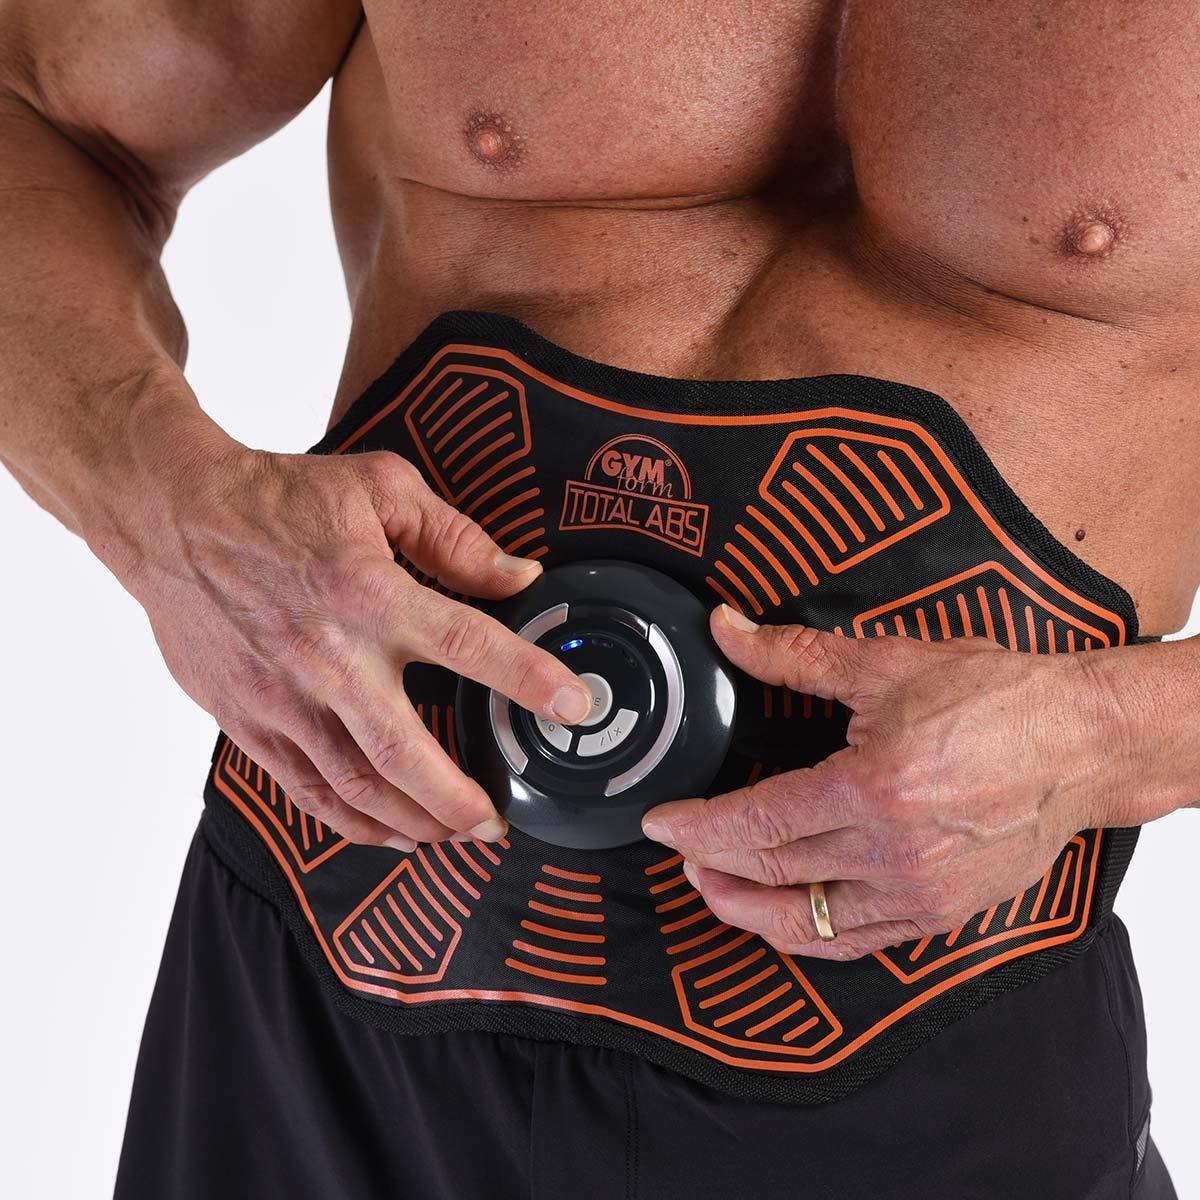 38a26950828 Gymform Total ABS - Ceinture d électrostimulation  Amazon.fr  Sports et  Loisirs